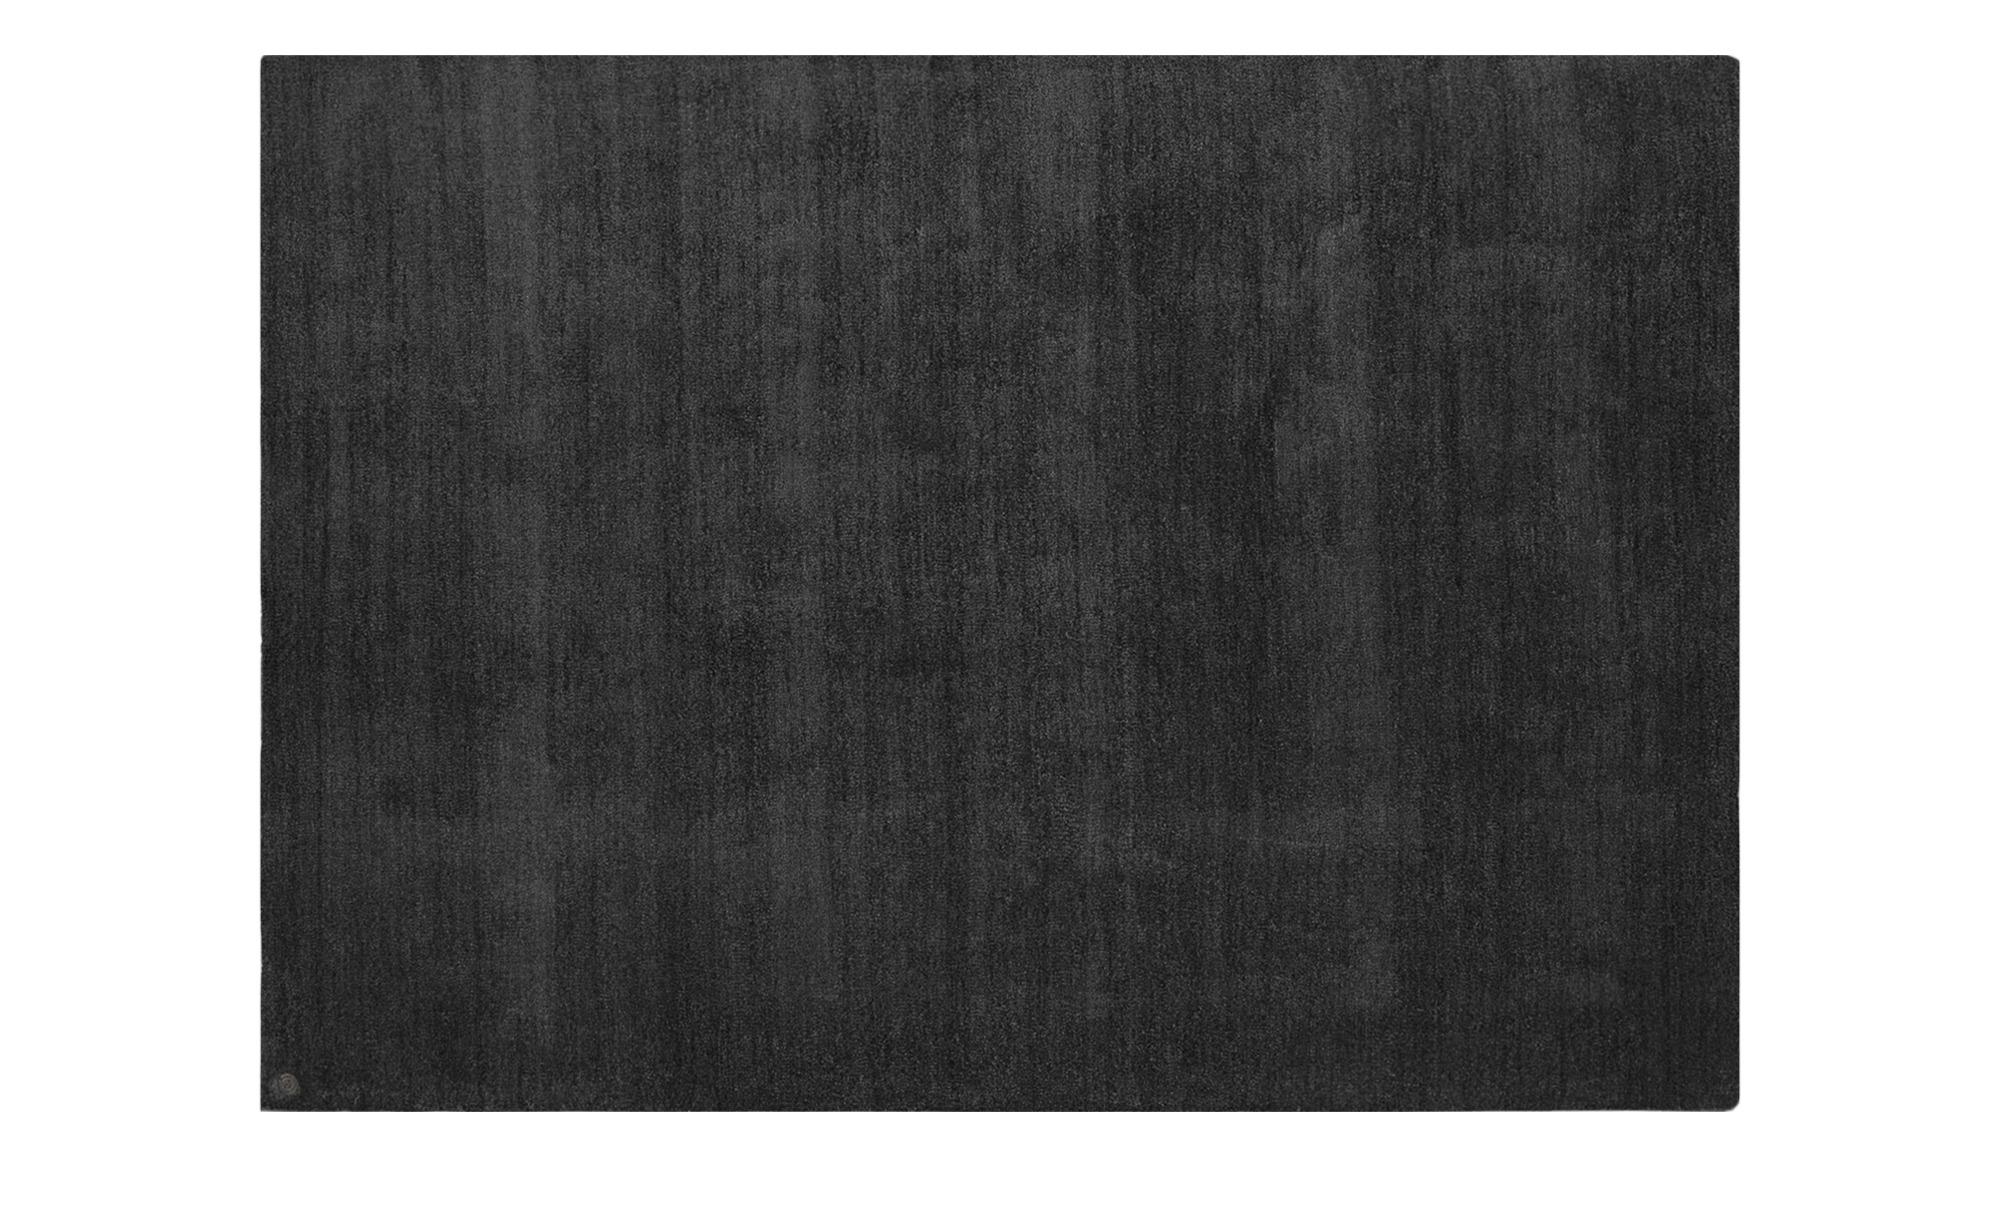 Tom Tailor Handtuft-Teppich  Powder ¦ schwarz ¦ 100 % Polyester ¦ Maße (cm): B: 65 Teppiche > Wohnteppiche - Höffner